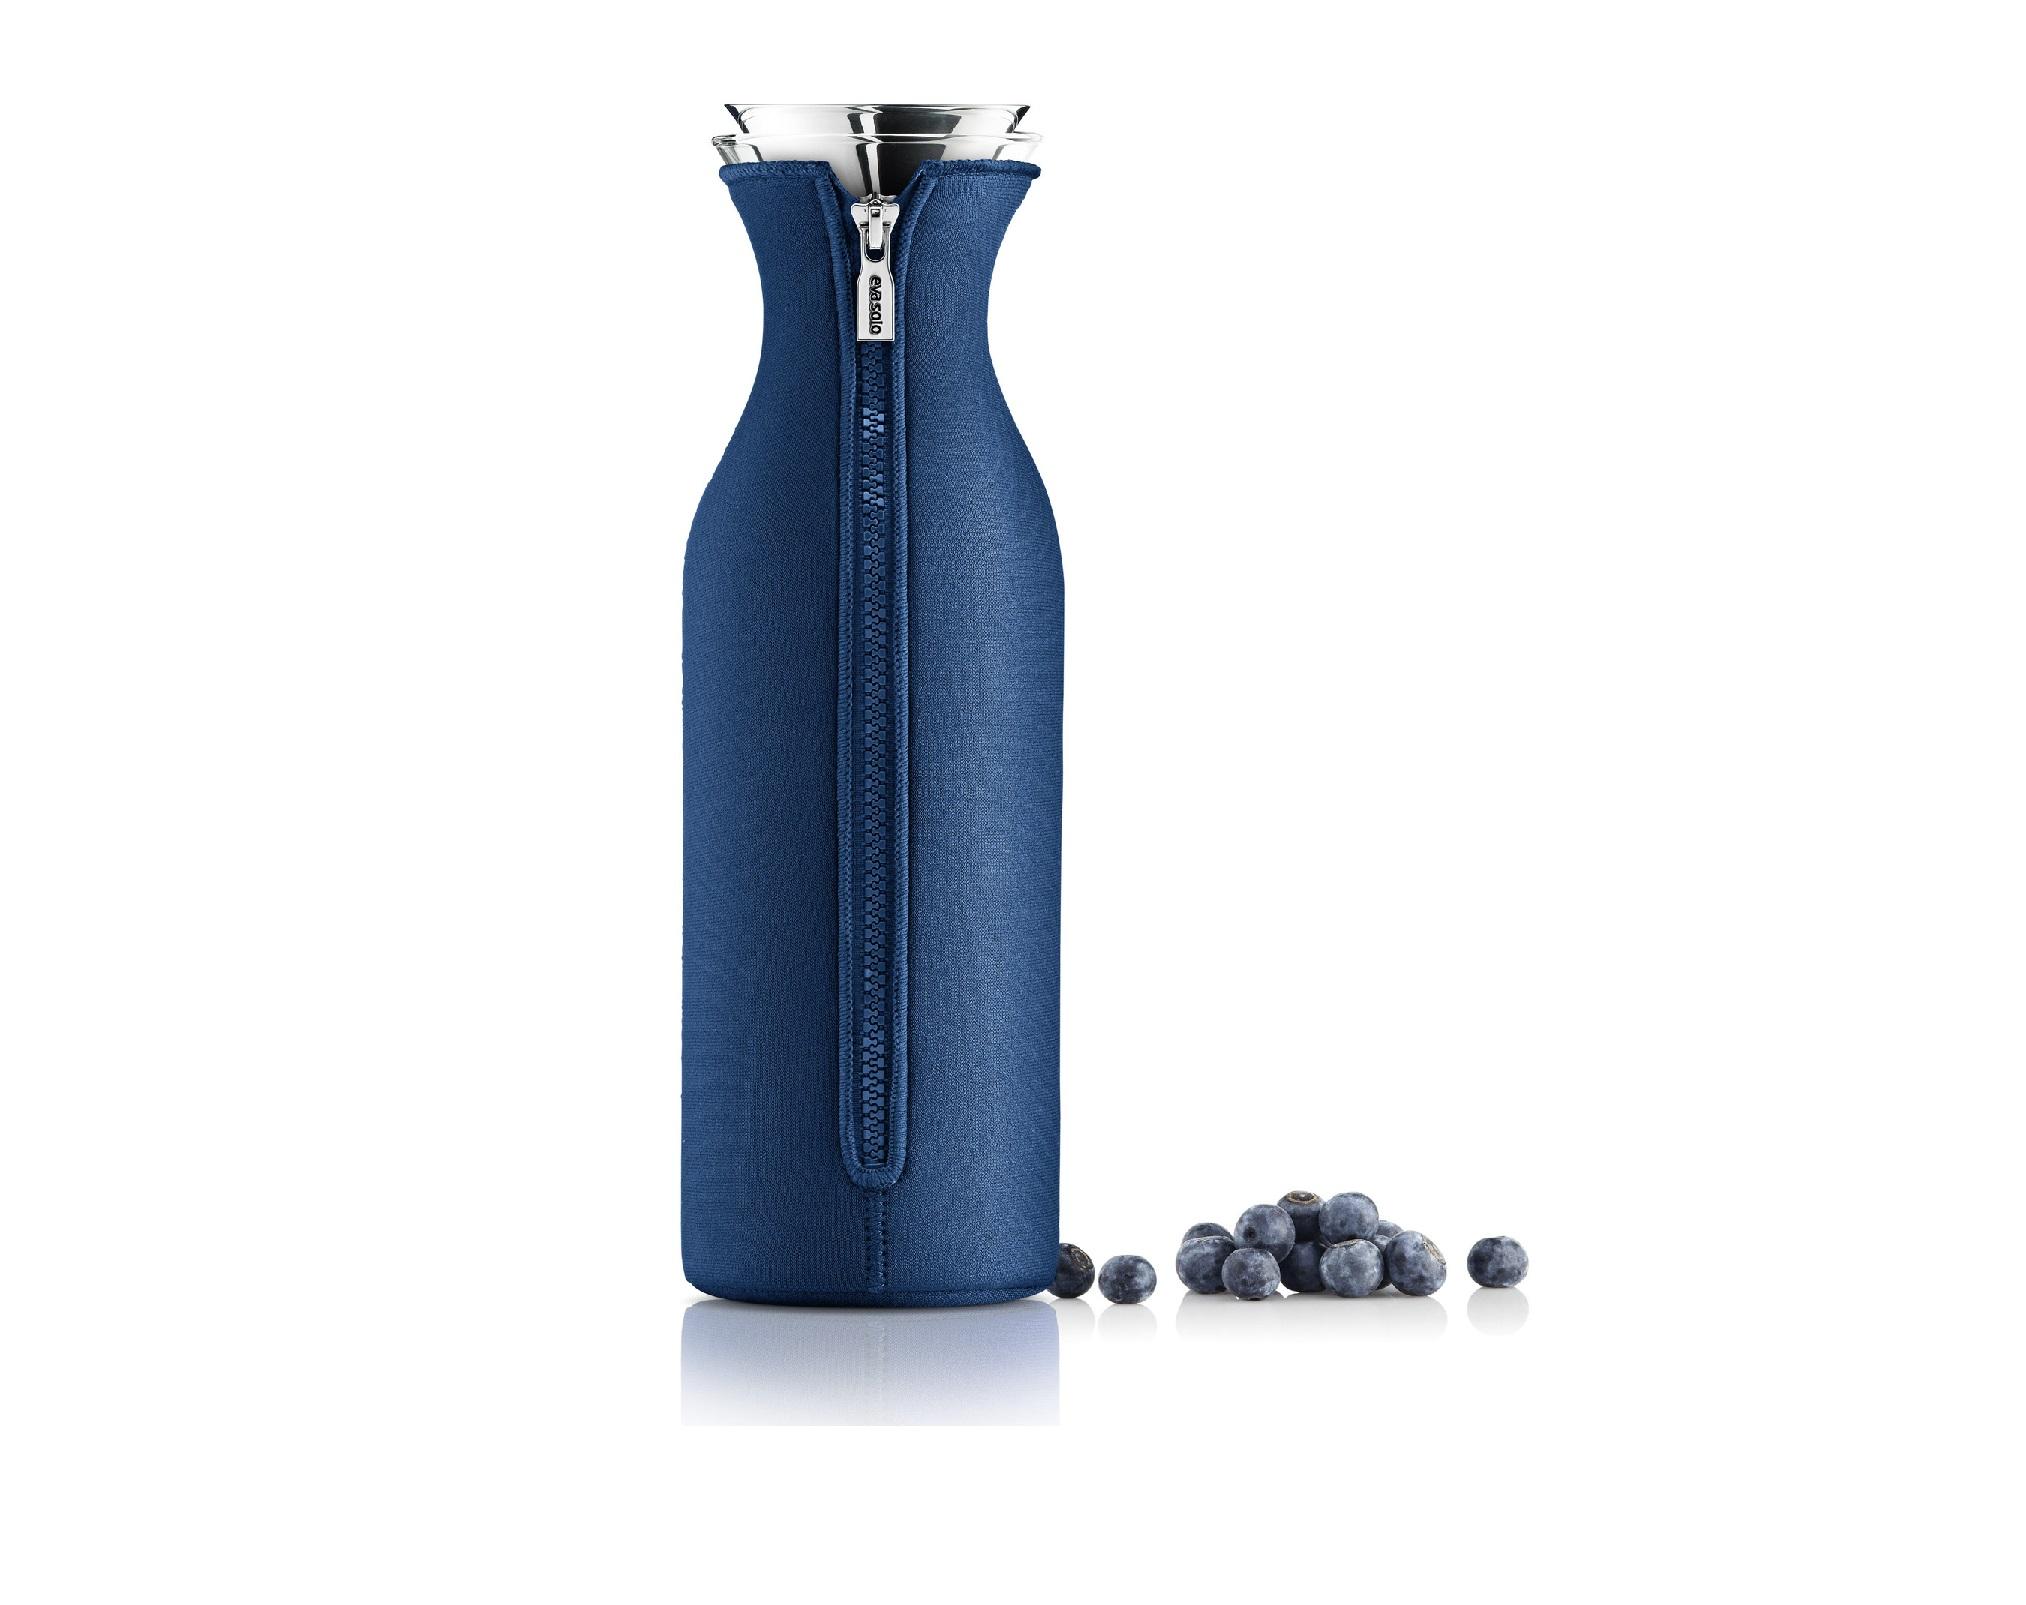 Графин в чехле FridgeЕмкости для хранения<br>Графин &amp;quot;Fridge&amp;quot; привлекает внимание благодаря своей уникальному &amp;quot;костюму&amp;quot;, в роли которого выступает элегантный синий чехол. Превосходная глубокая гамма делает его облик благородным и запоминающимся. Чехол не только выглядит великолепно, но и позволяет наслаждаться напитками оптимальной температуры, которую он поддерживает неизменной за счет неопрена.&amp;lt;div&amp;gt;&amp;lt;br&amp;gt;&amp;lt;/div&amp;gt;&amp;lt;div&amp;gt;Материалы: боросиликатное стекло, нержавеющая сталь, неопрен.&amp;lt;/div&amp;gt;&amp;lt;div&amp;gt;Емкость: 1 л.&amp;amp;nbsp;&amp;lt;/div&amp;gt;&amp;lt;div&amp;gt;Стеклянные и металлические части можно мыть в посудомоечной машине.&amp;lt;/div&amp;gt;<br><br>Material: Стекло<br>Height см: 27<br>Diameter см: 9